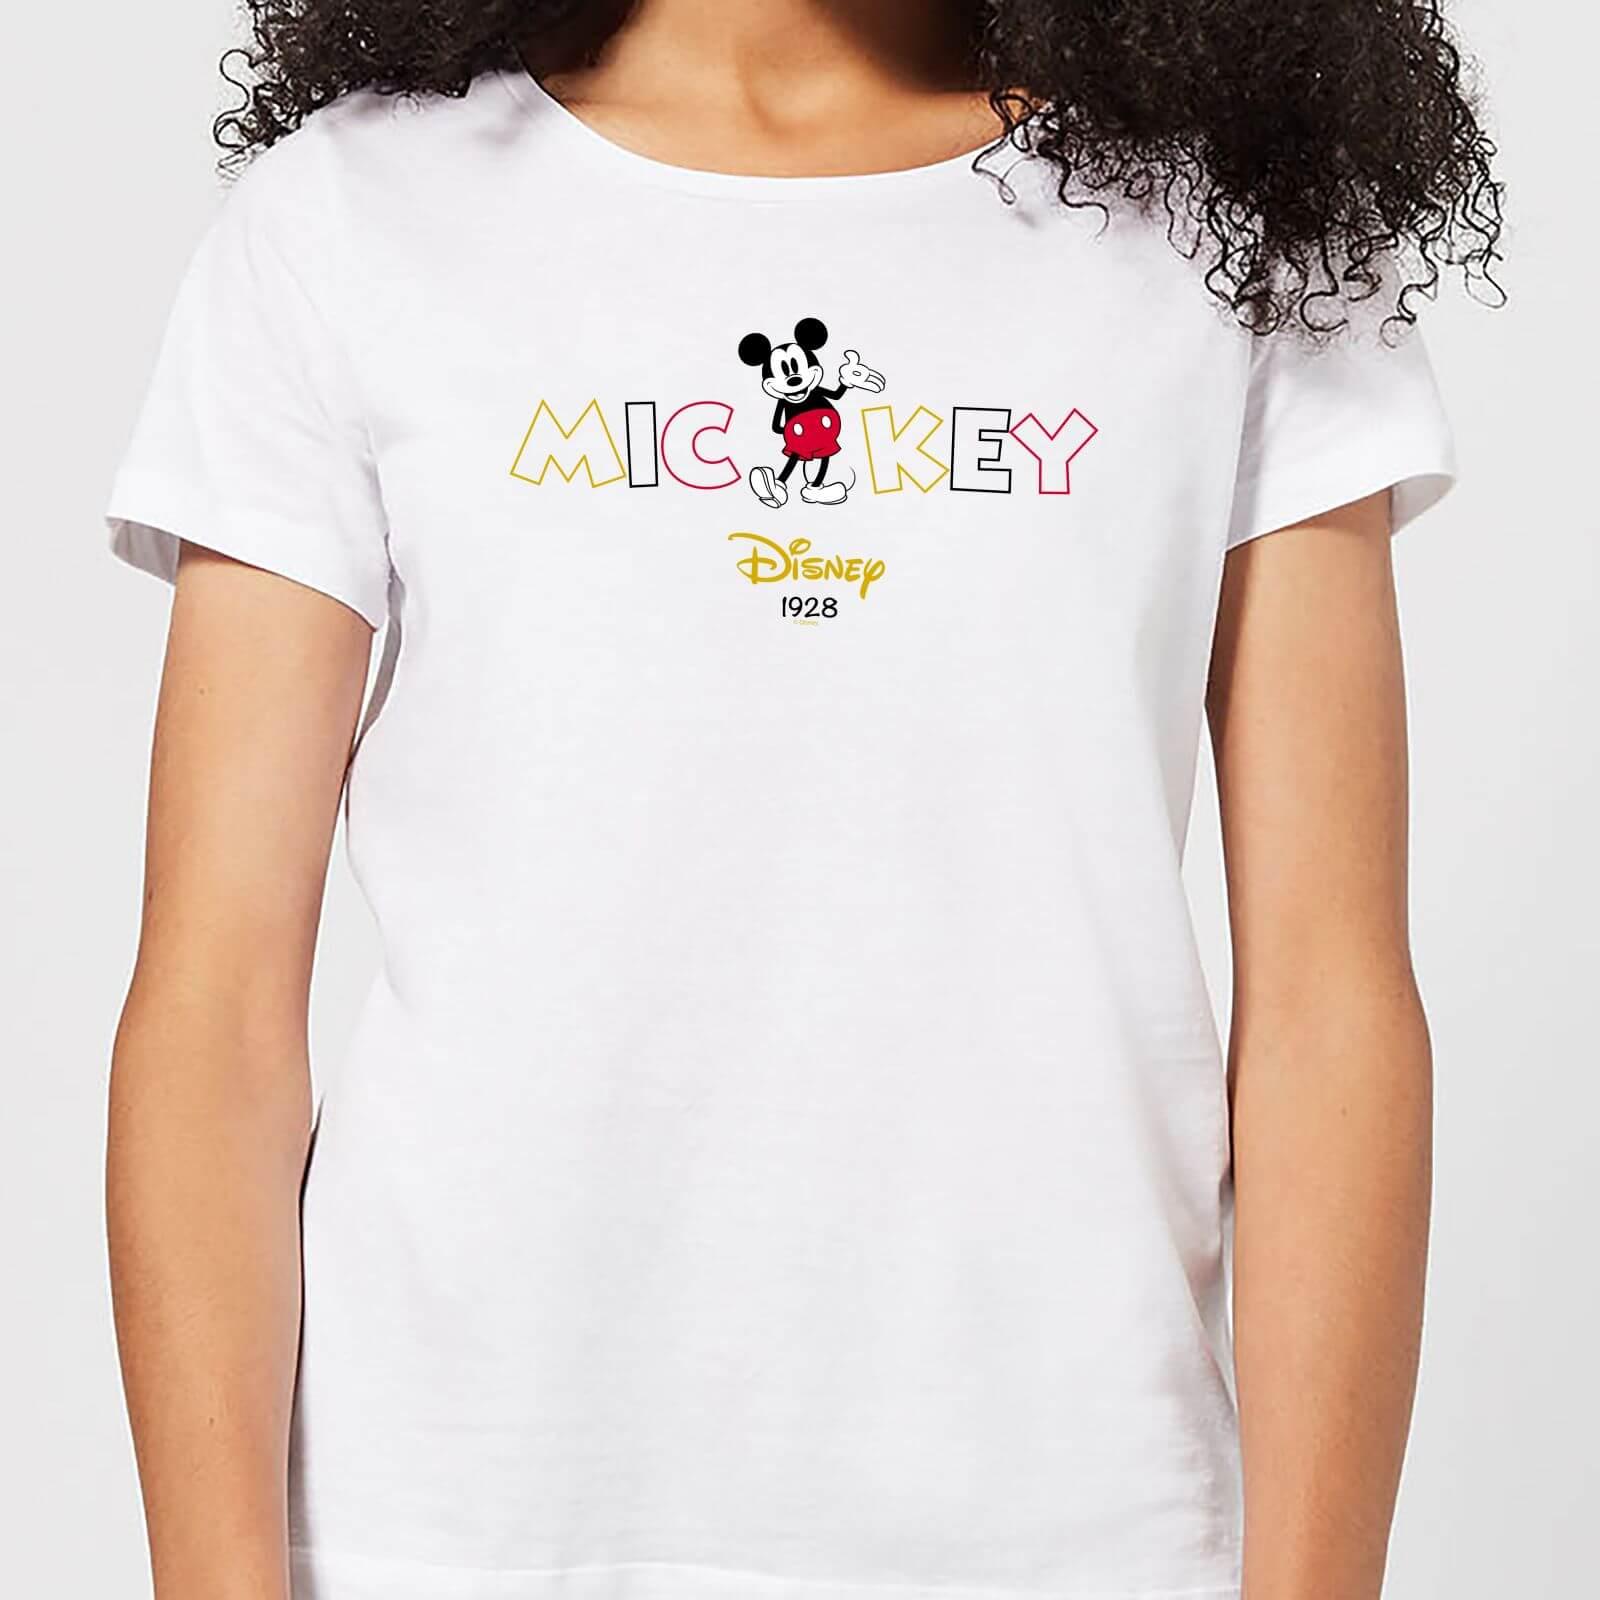 Disney Disney Mickey Mouse Disney Wording Women's T-Shirt - White - 4XL - White